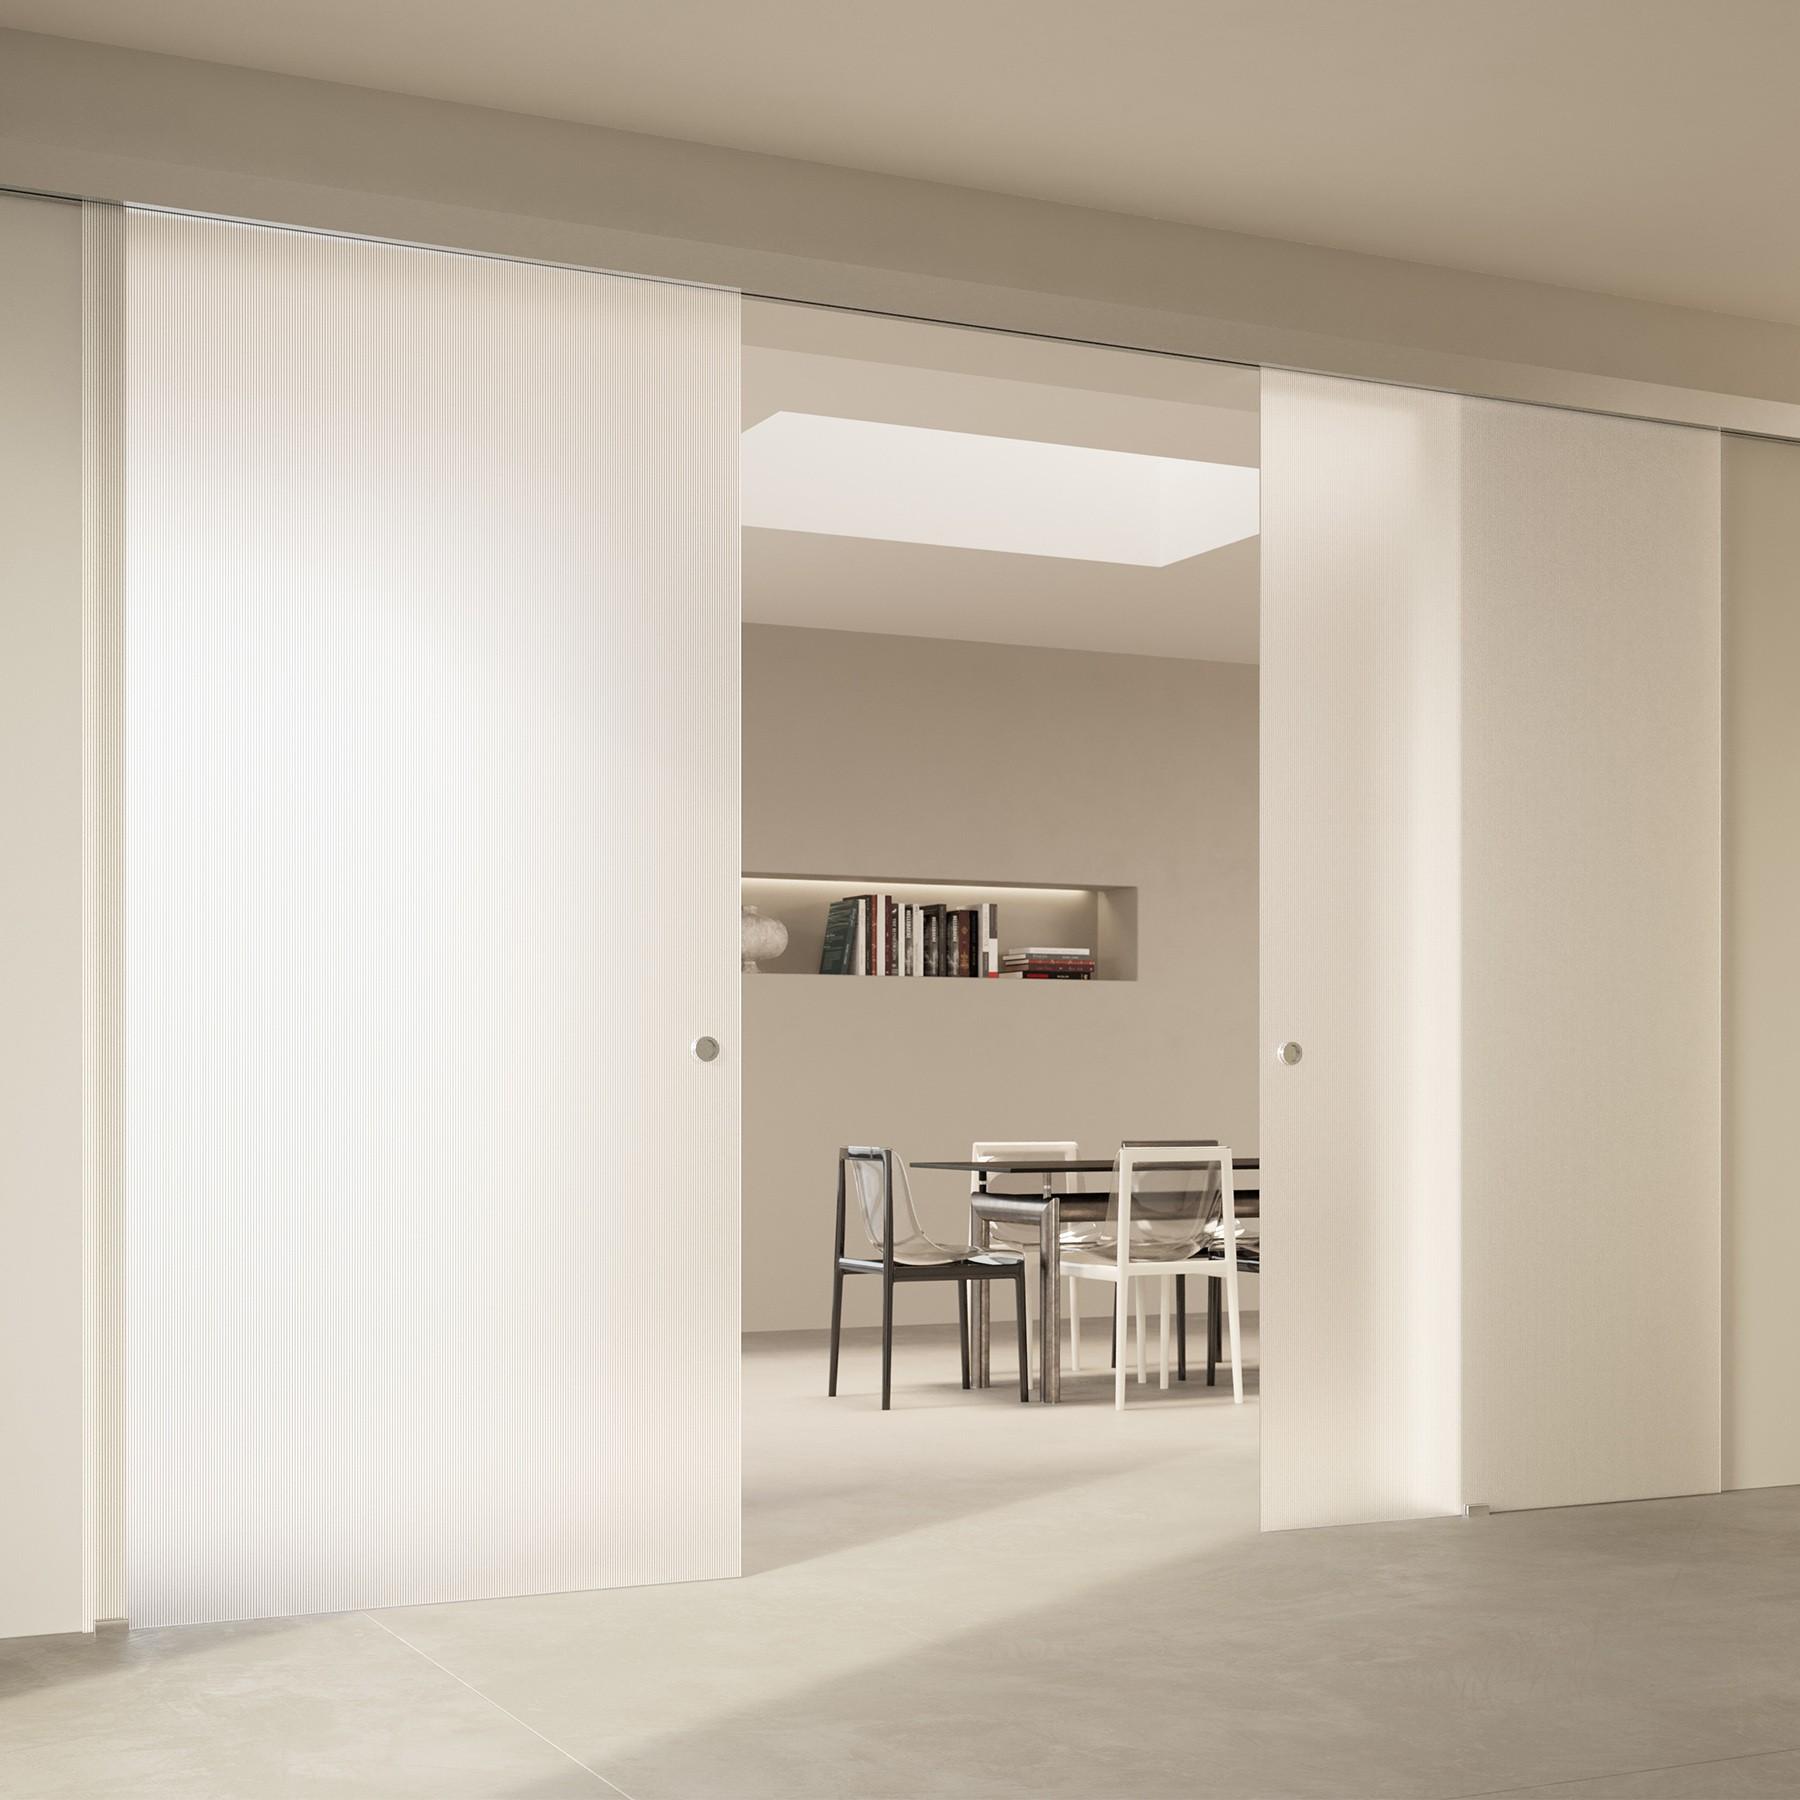 Scenario Visio with Chillout Trasparente Extrachiaro Bianco glass